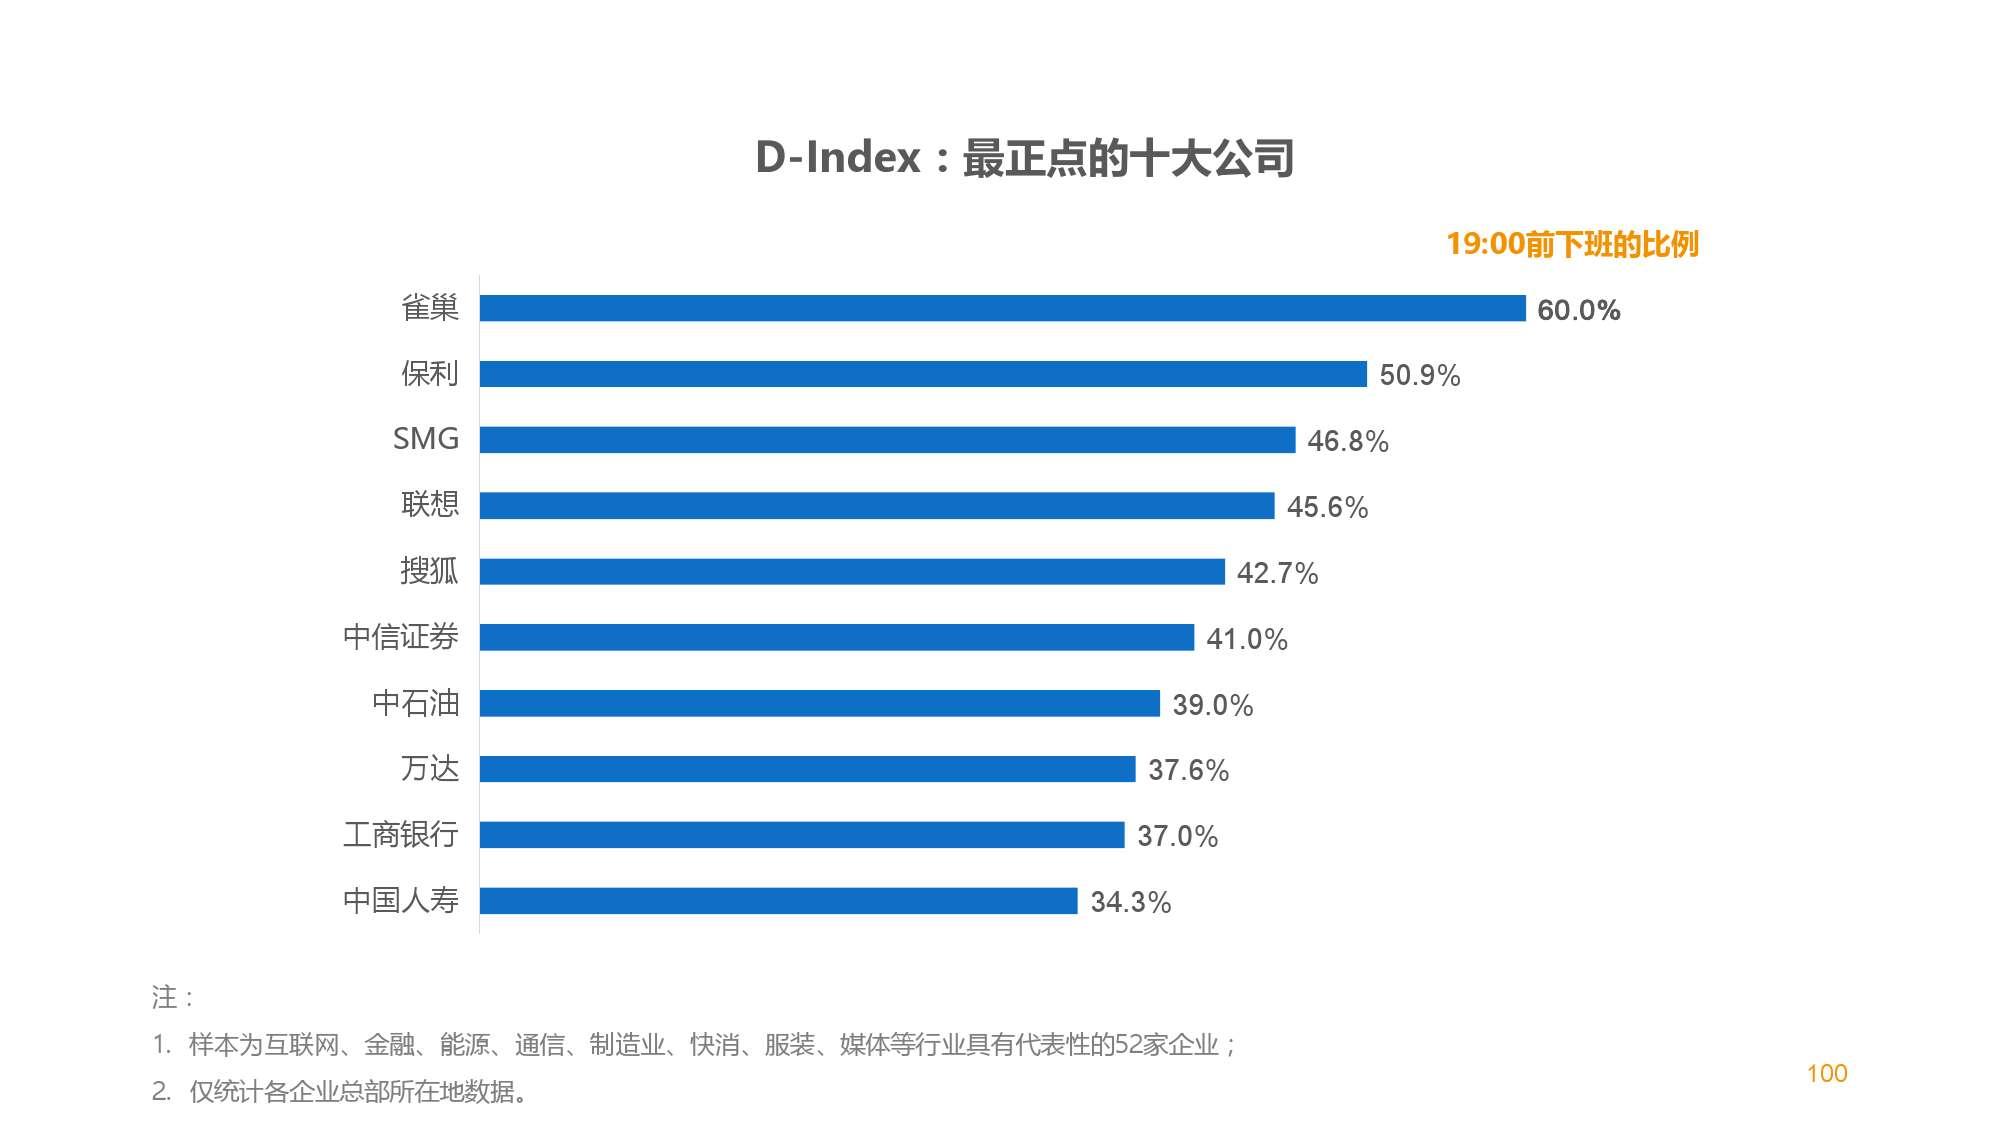 中国智能出行2015大数据报告_000100